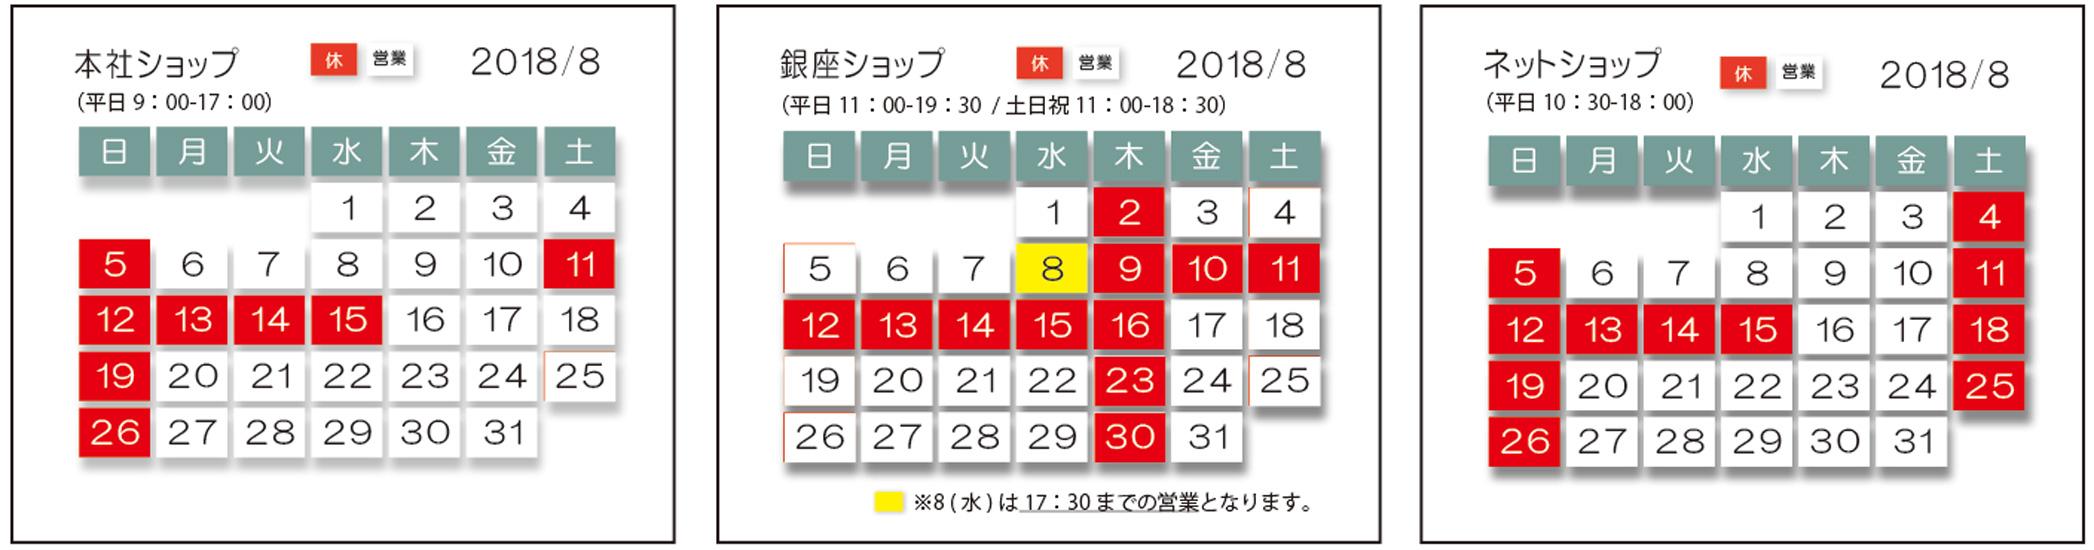 ショップ夏期休業日のお知らせ